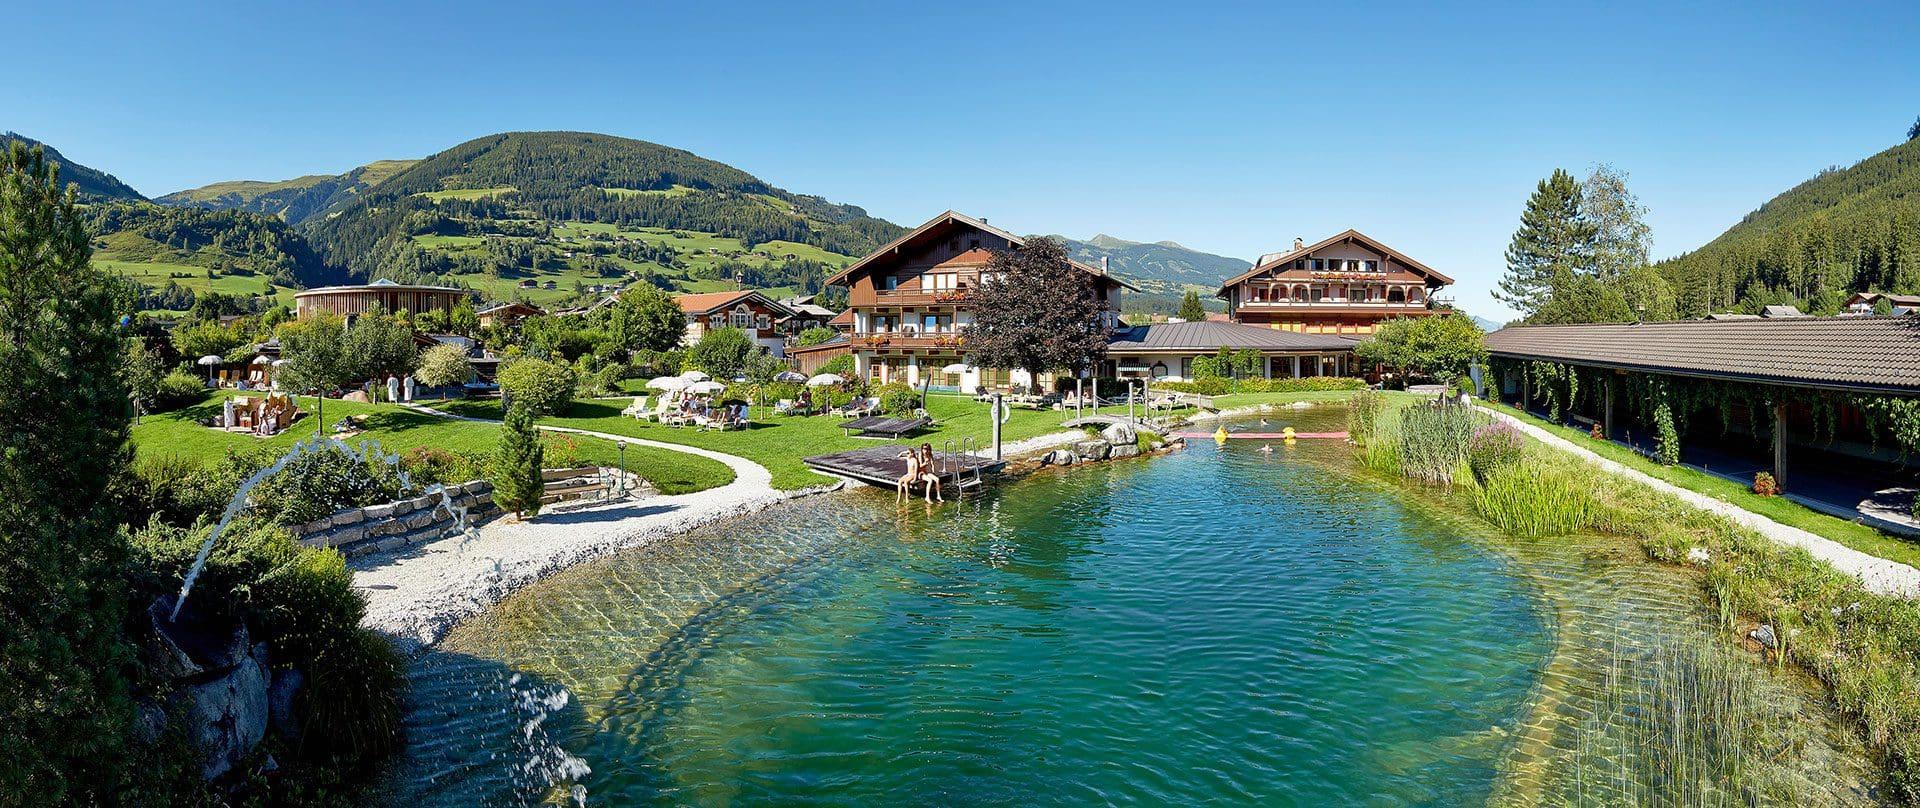 Kontakt zum Wanderhotel Kirchner, Bramberg/Wildkogel, Österreich